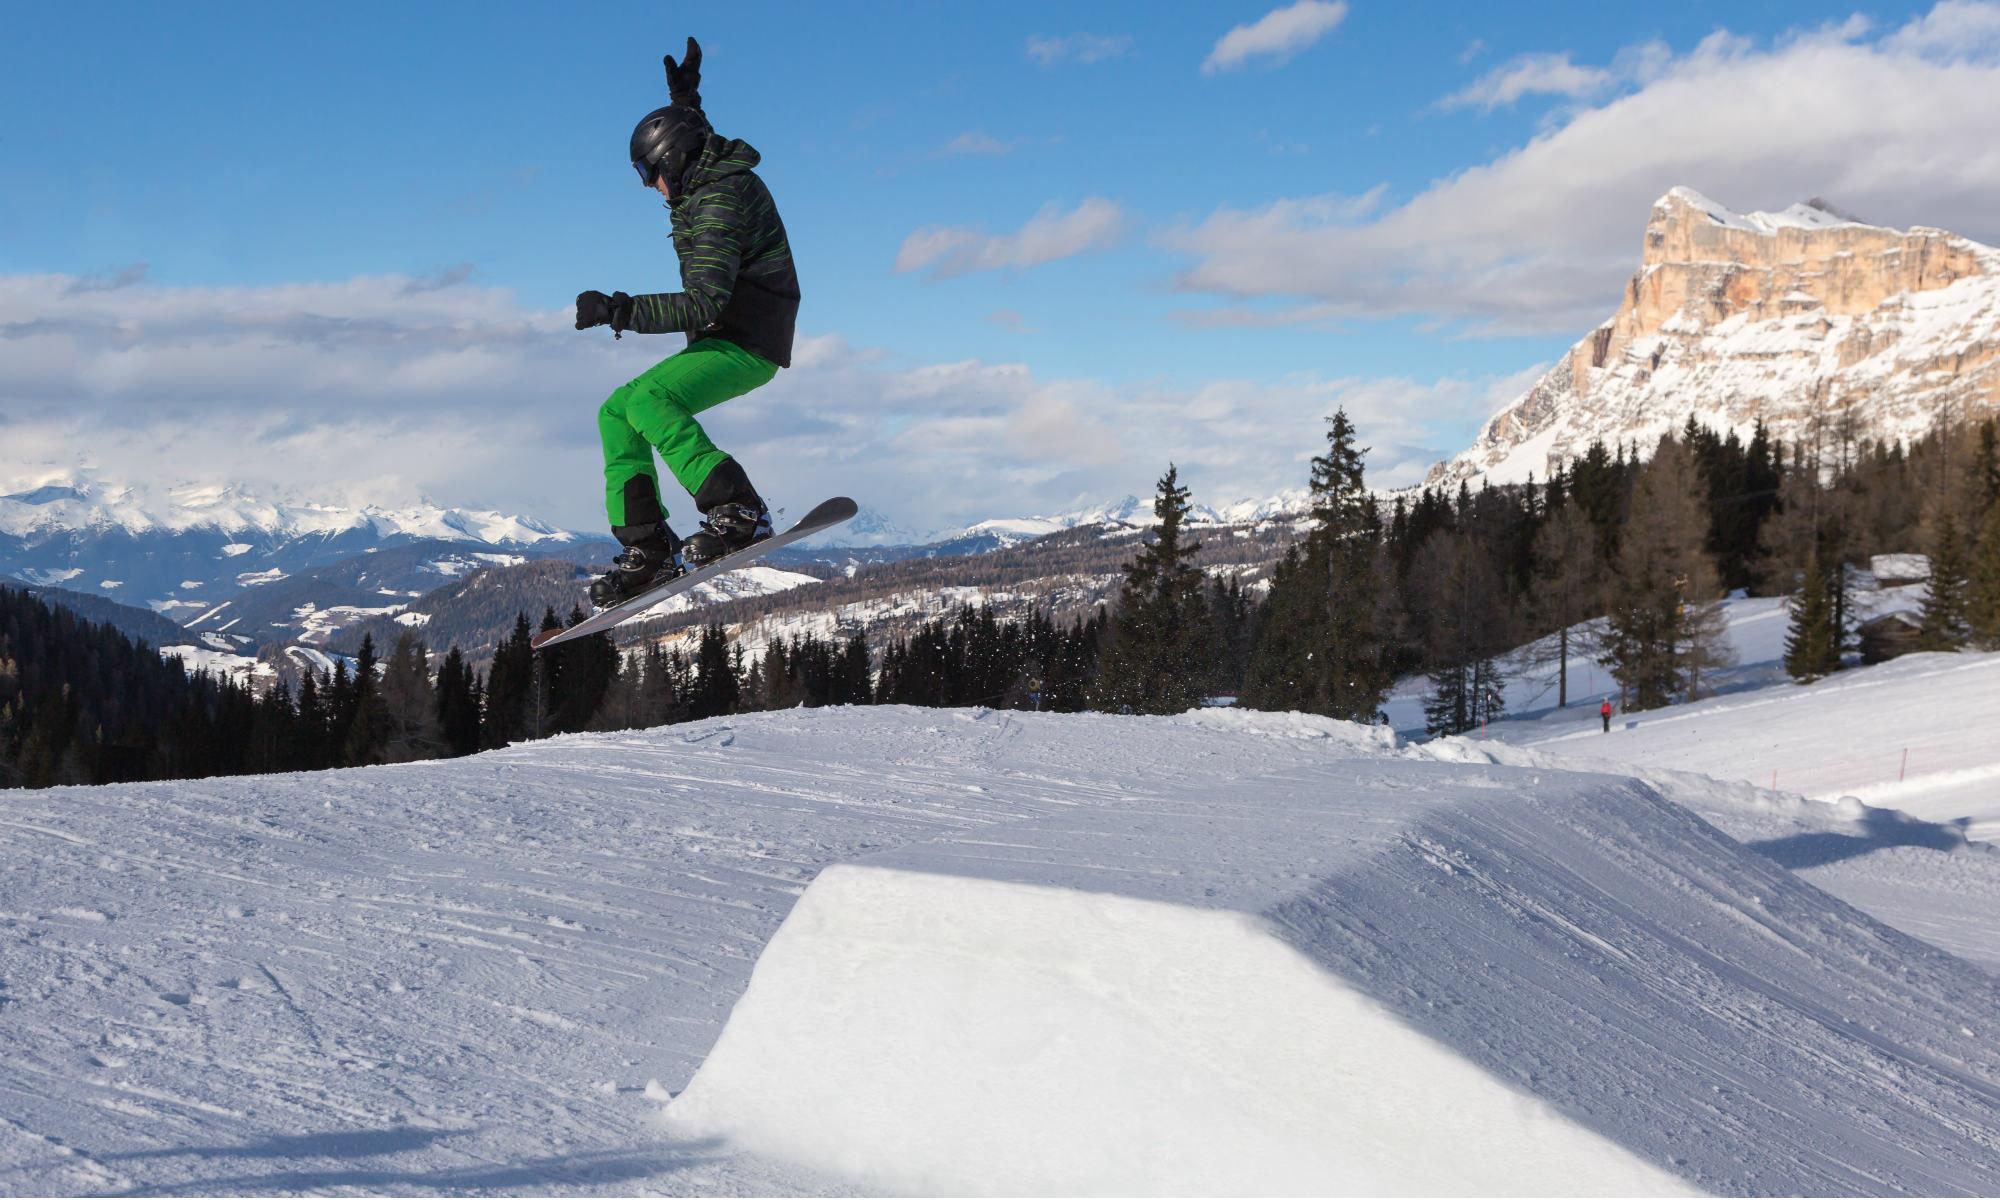 Uno snowboarder utilizza l'aiuto di un jump per fare acrobazie sulla tavola.